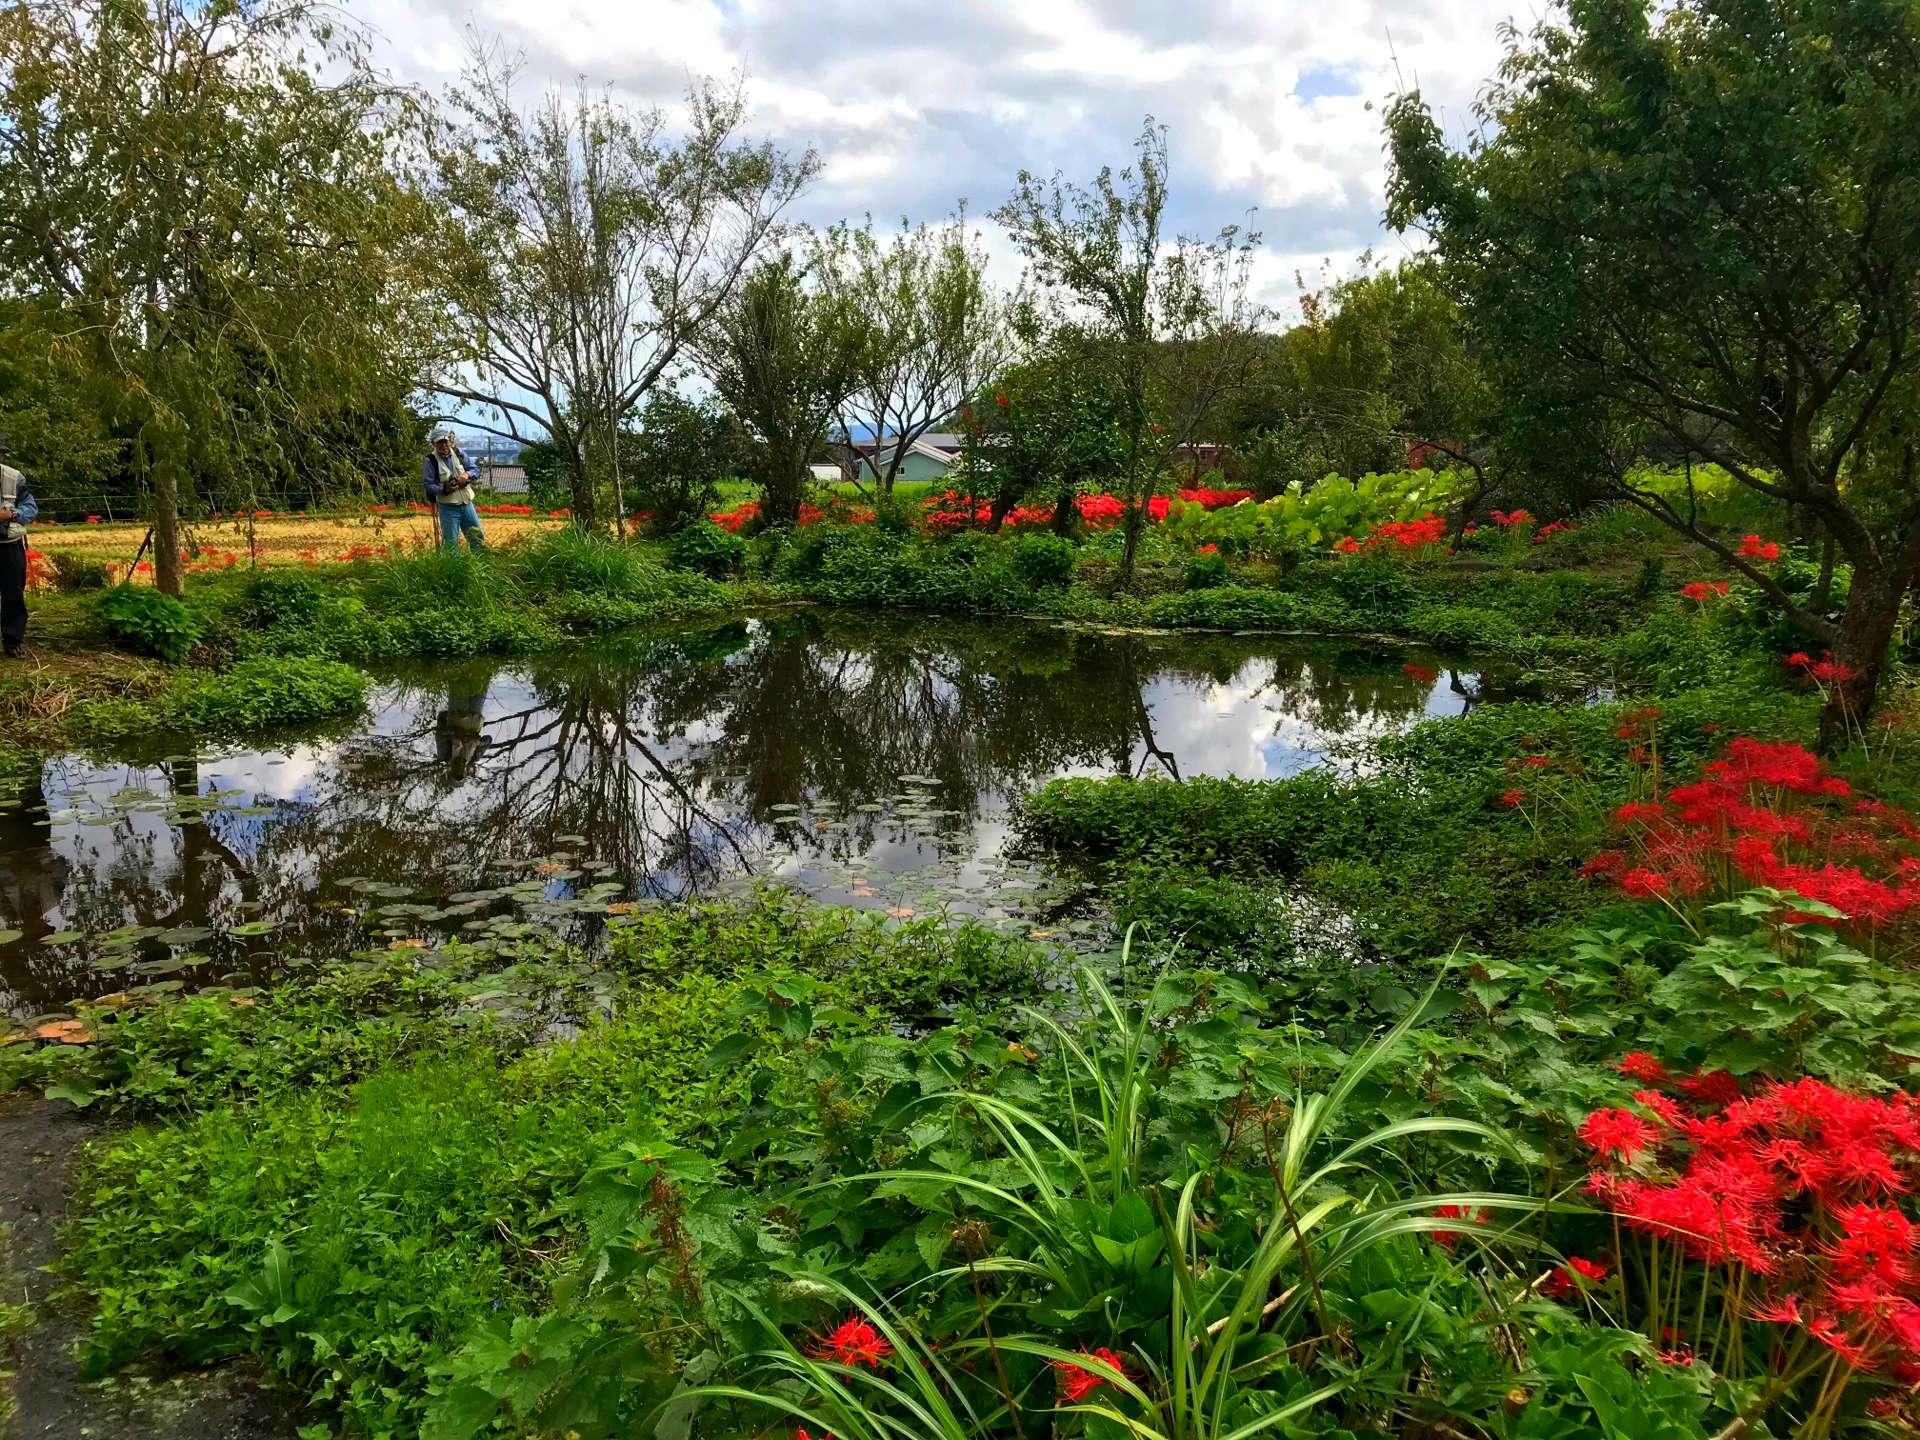 倒映著藍天白雲,樹木花草,還有赤紅的彼岸花的池塘